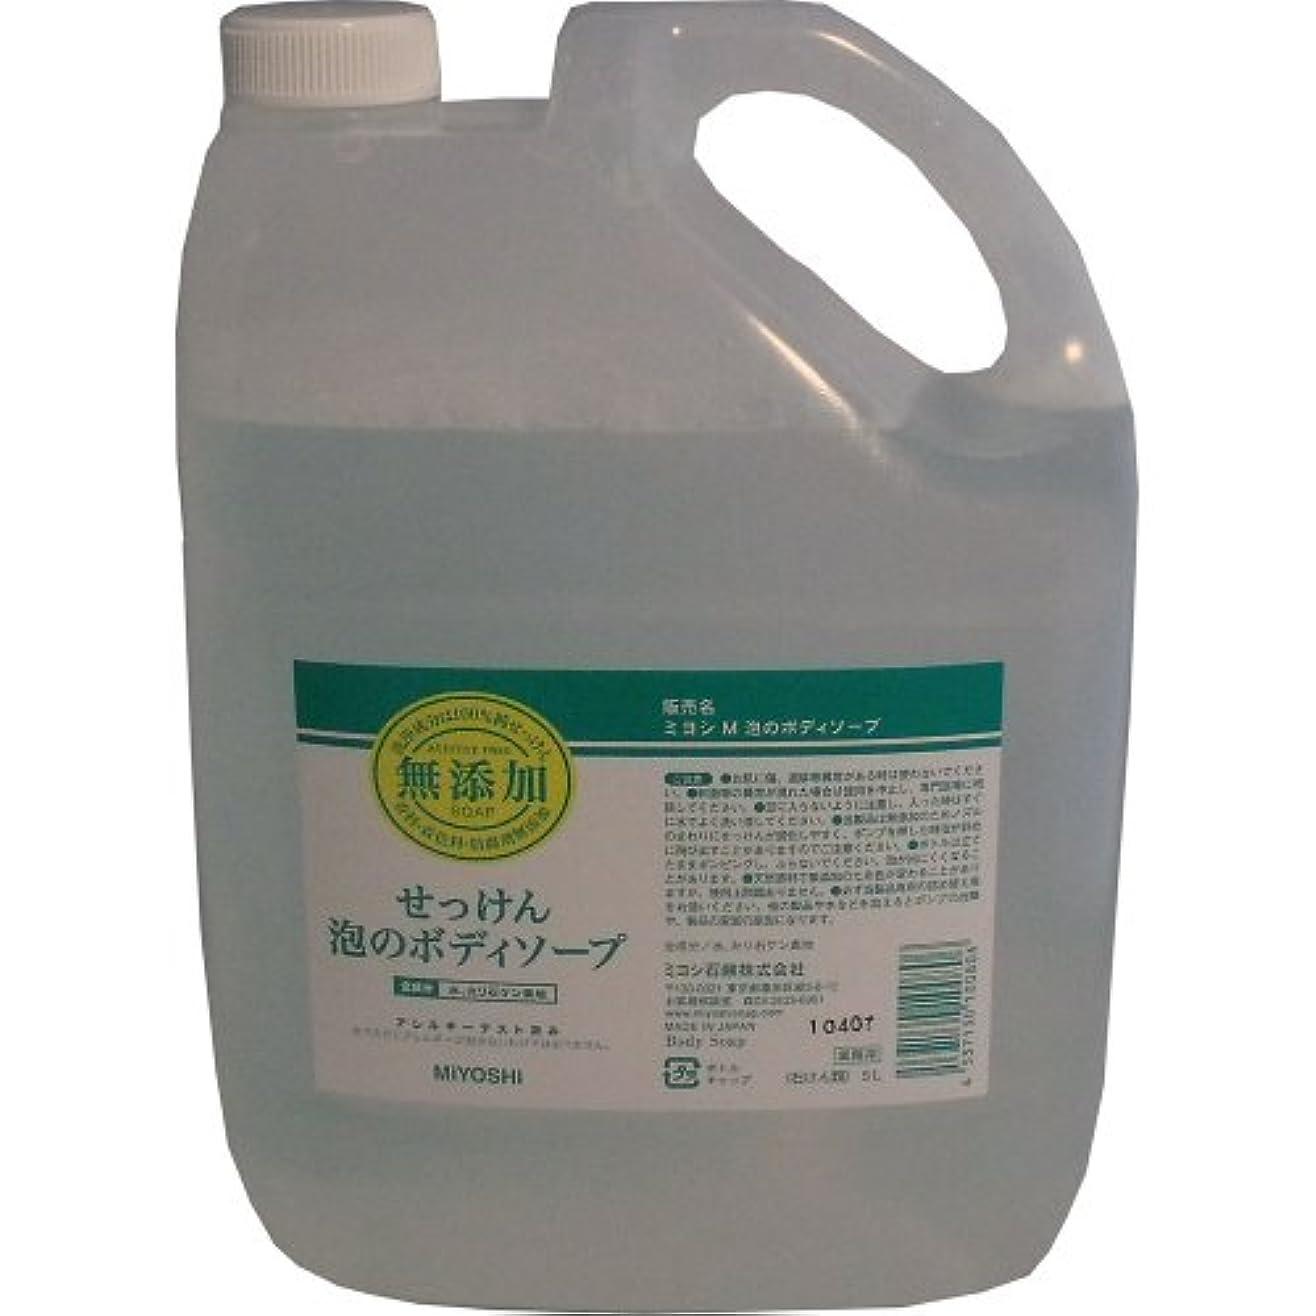 蒸発執着使用法合成界面活性剤はもちろん、香料、防腐剤、着色料などは一切加えていません!無添加せっけん 業務用 泡のボディソープ 詰替用 5L【4個セット】